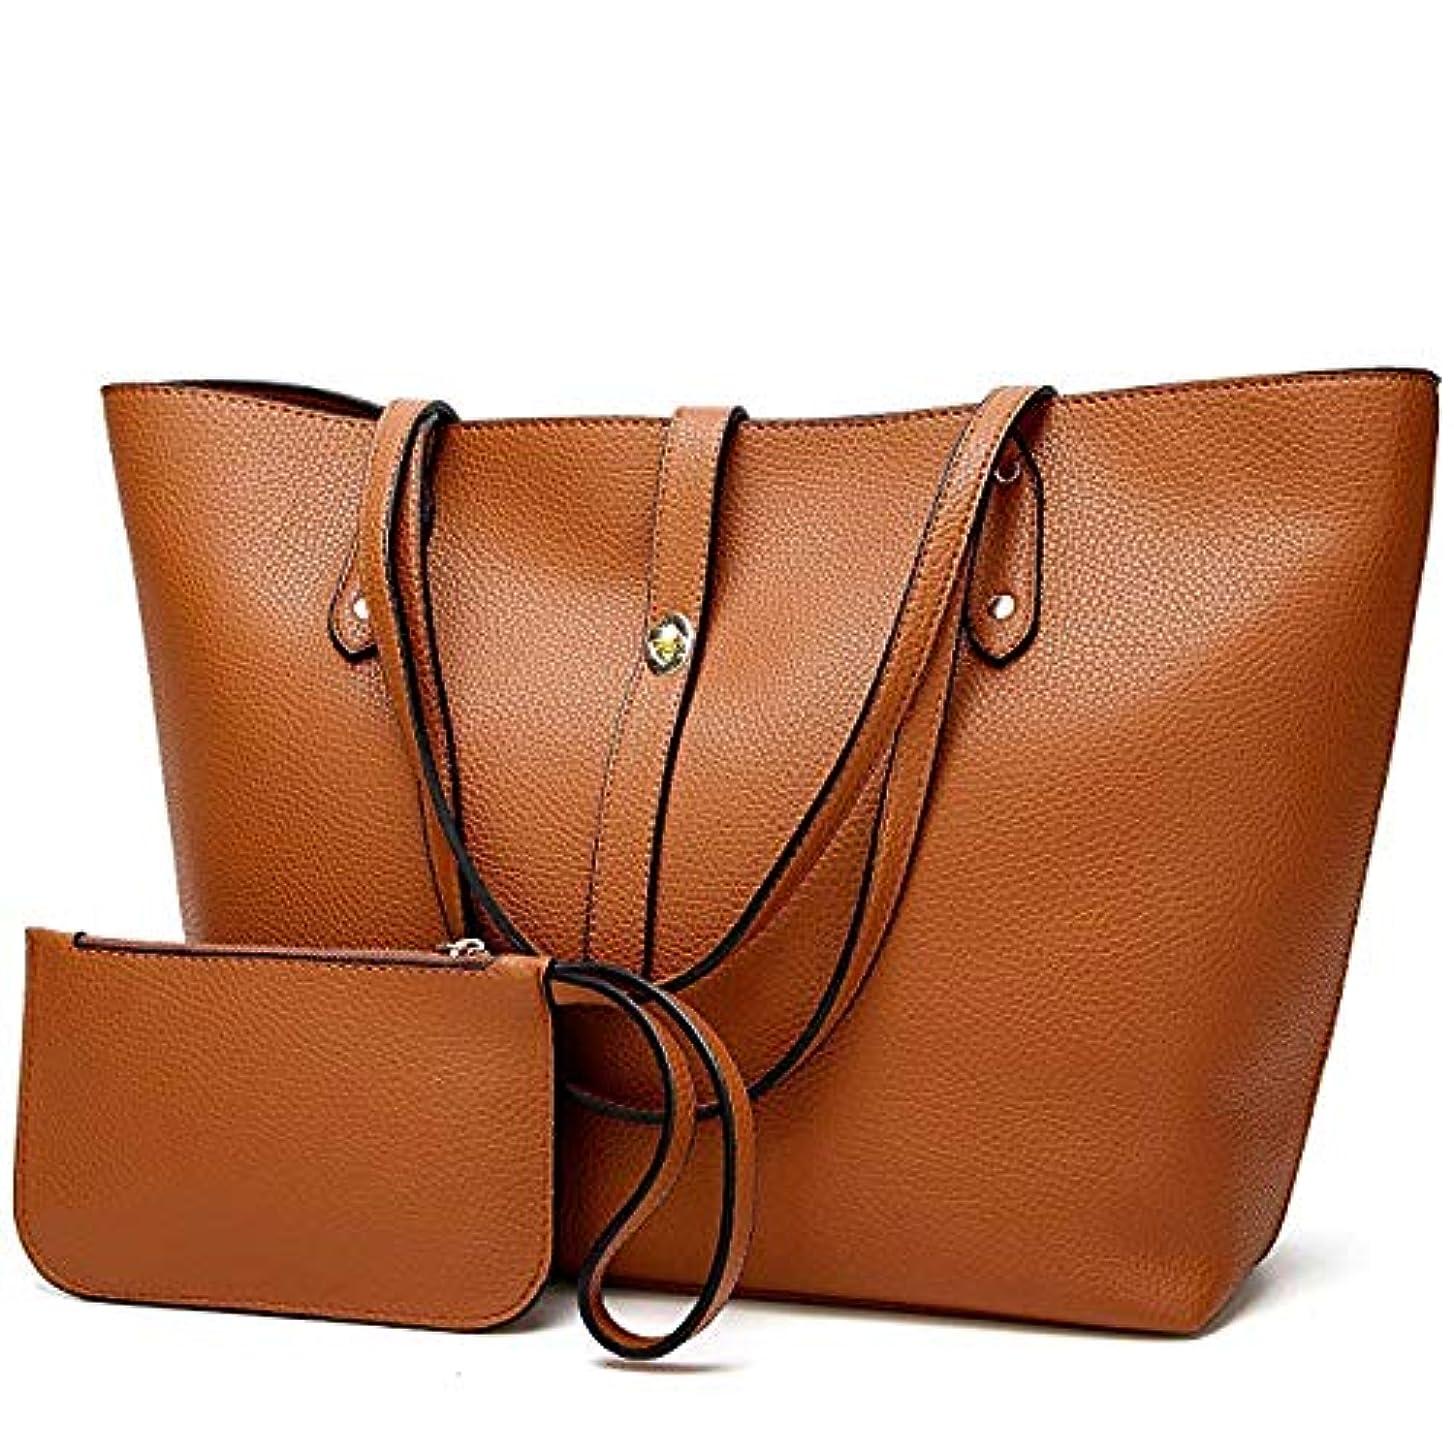 撤回するコミットメント沼地[TcIFE] ハンドバッグ レディース トートバッグ 大容量 無地 ショルダーバッグ 2way 財布とハンドバッグ